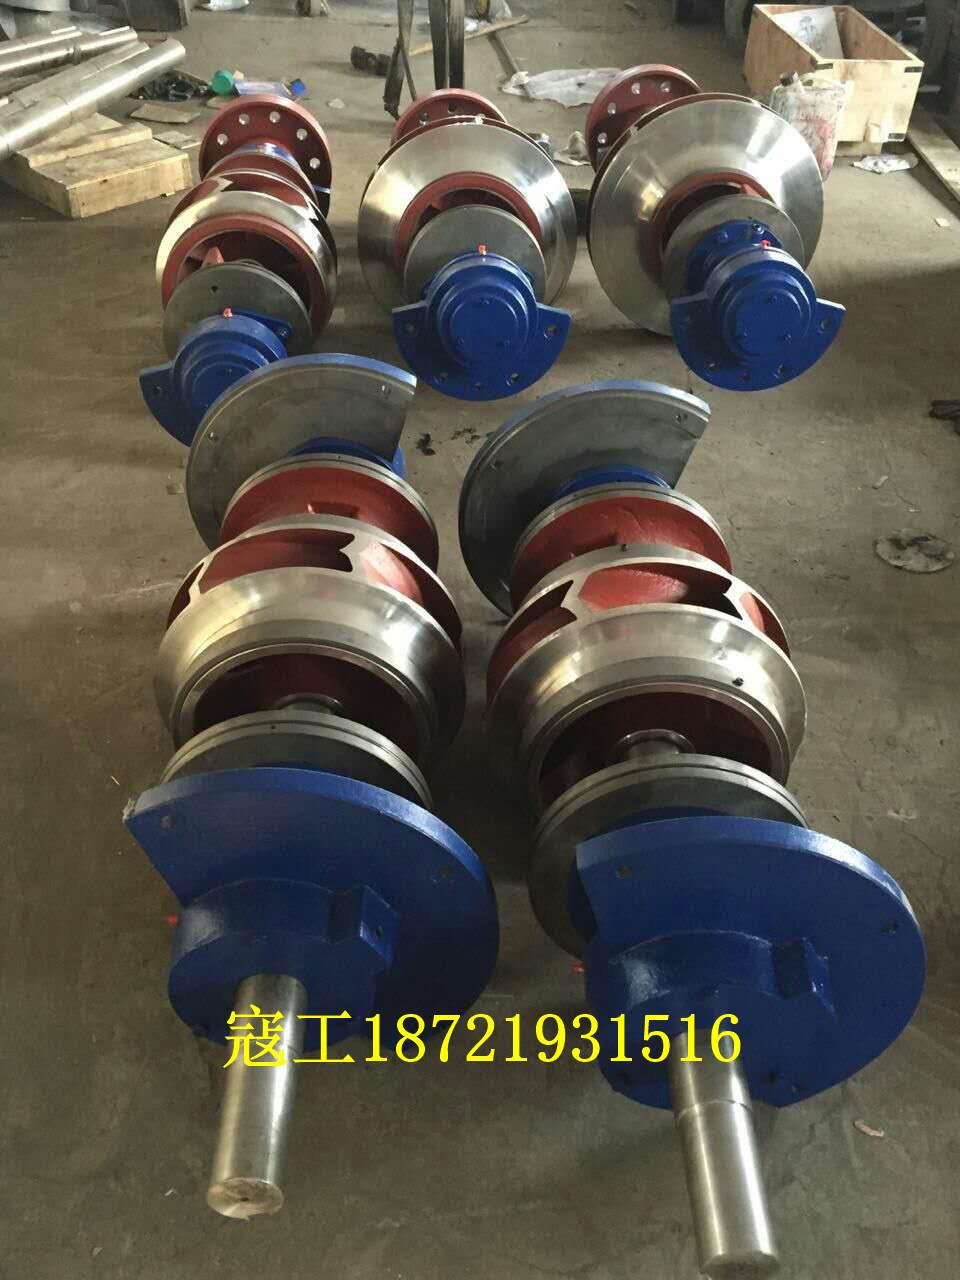 上海凯泉KQSN东方DFSS连成SLOW水泵叶轮机封新疆乌鲁木齐克拉玛依吐鲁番哈密阿克苏喀什和田伊犁销售